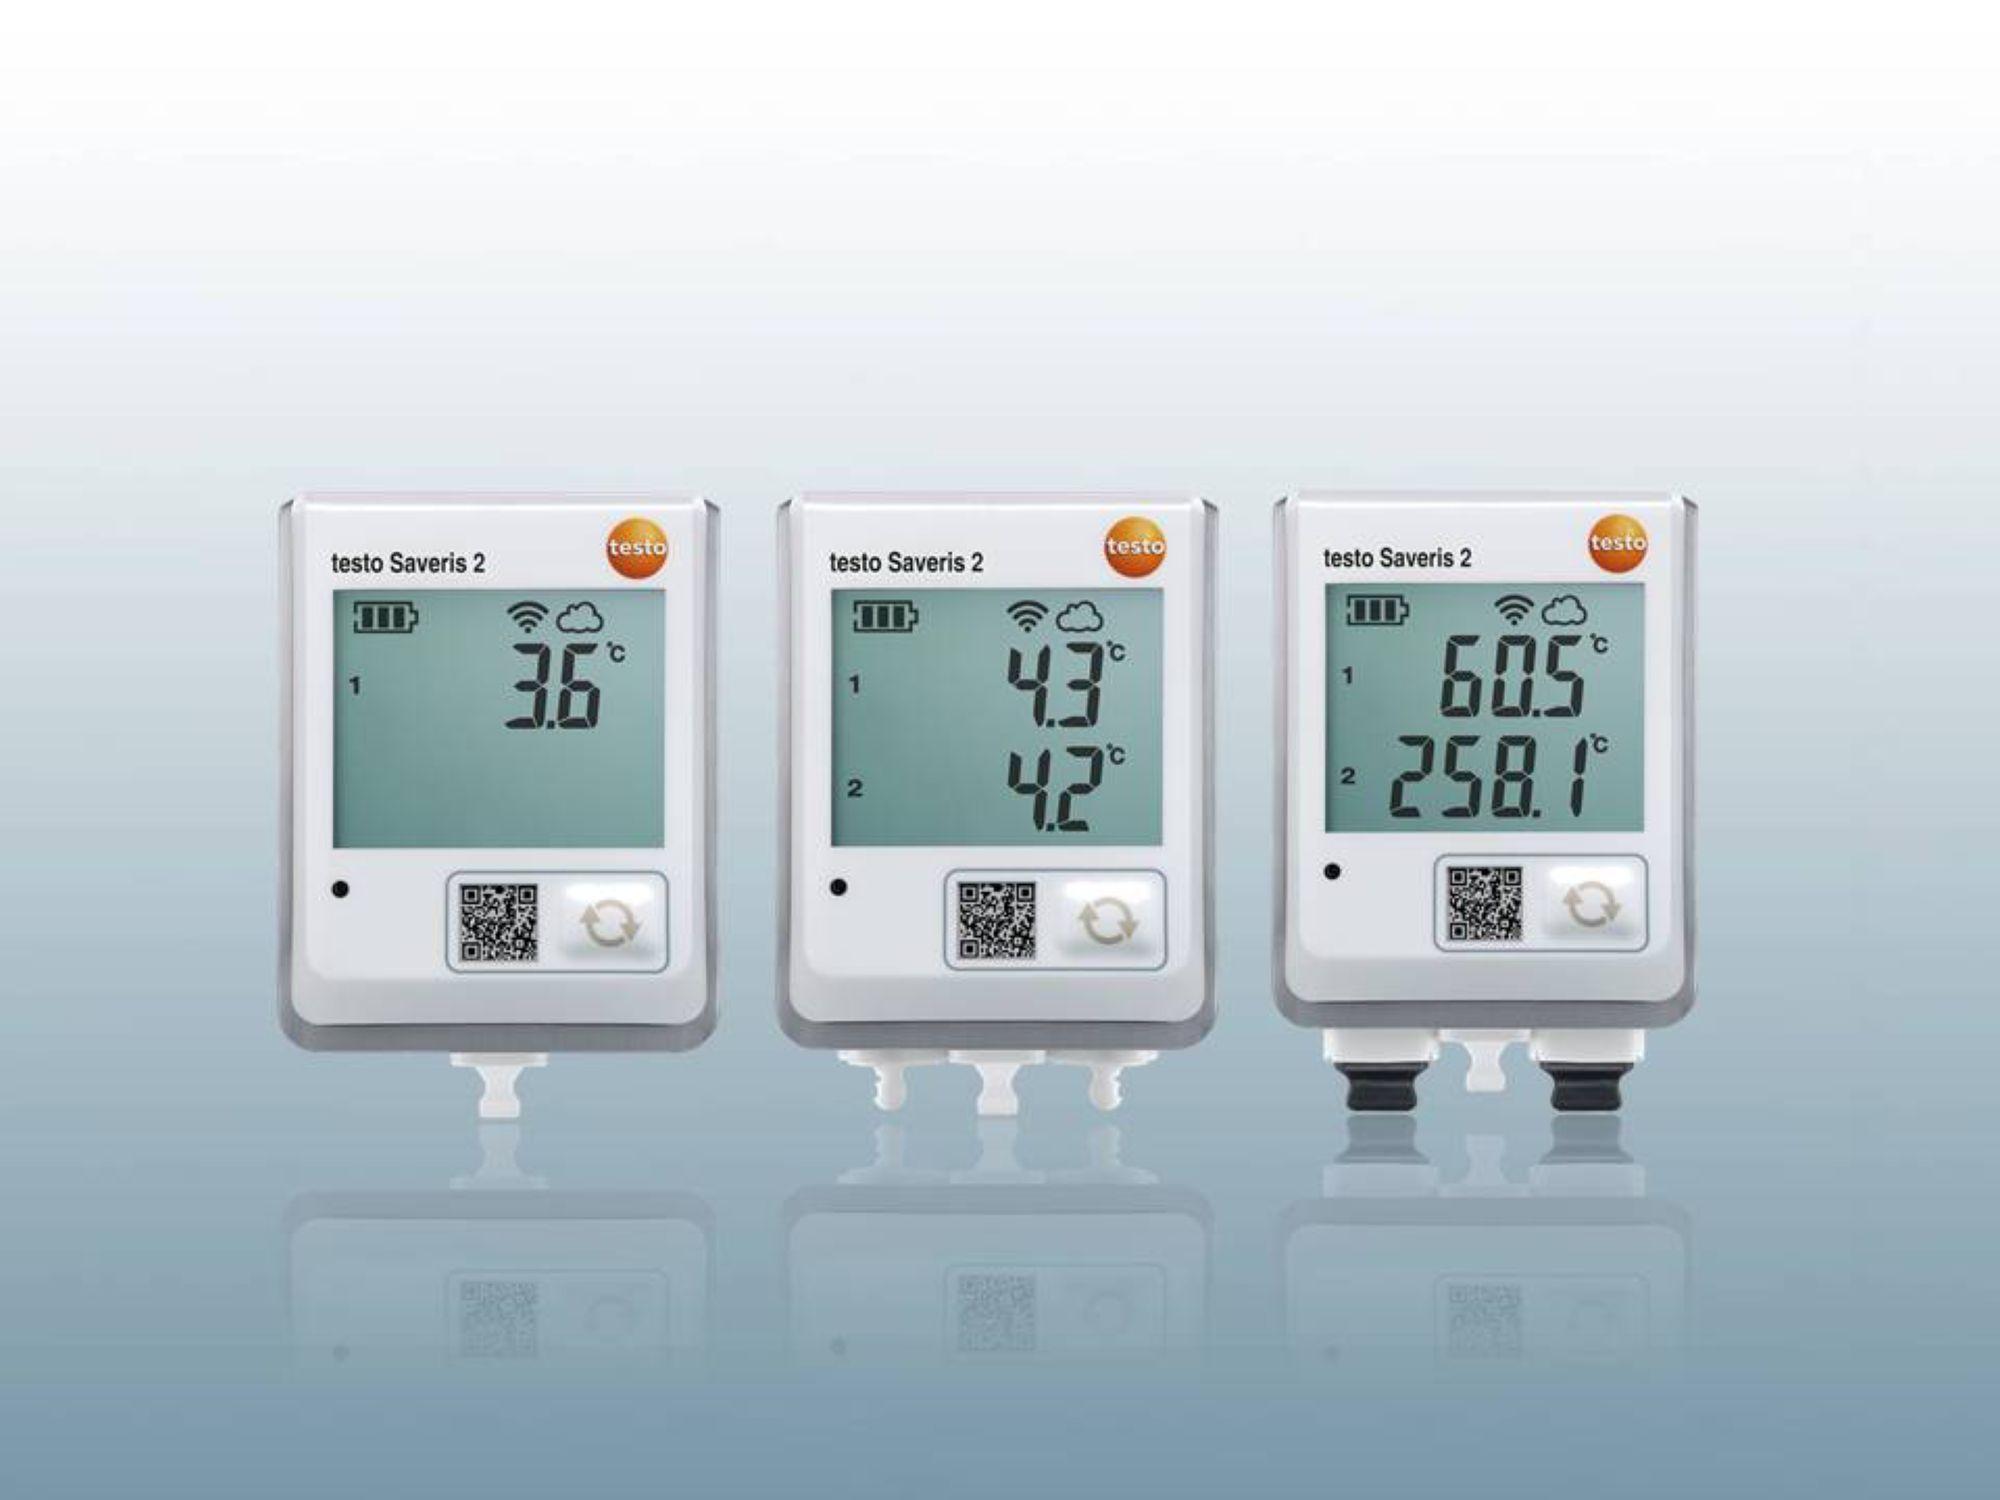 jp_Savereis2_temperature (1).png